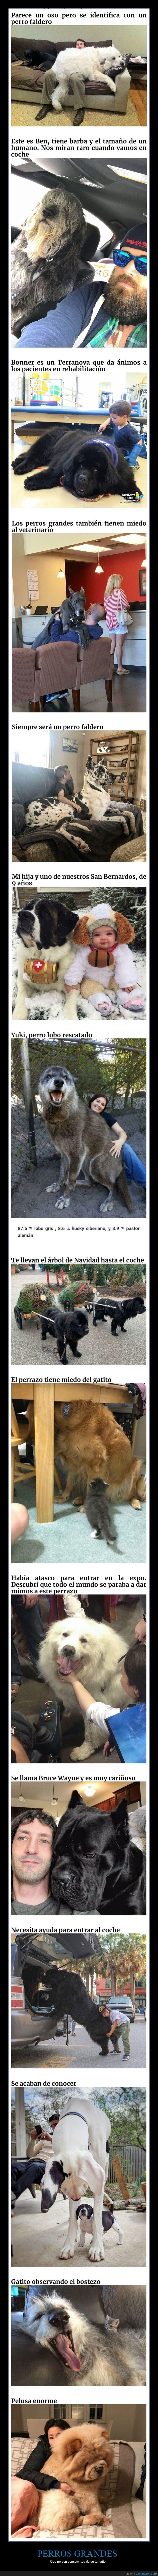 grandes,perros,tamaño